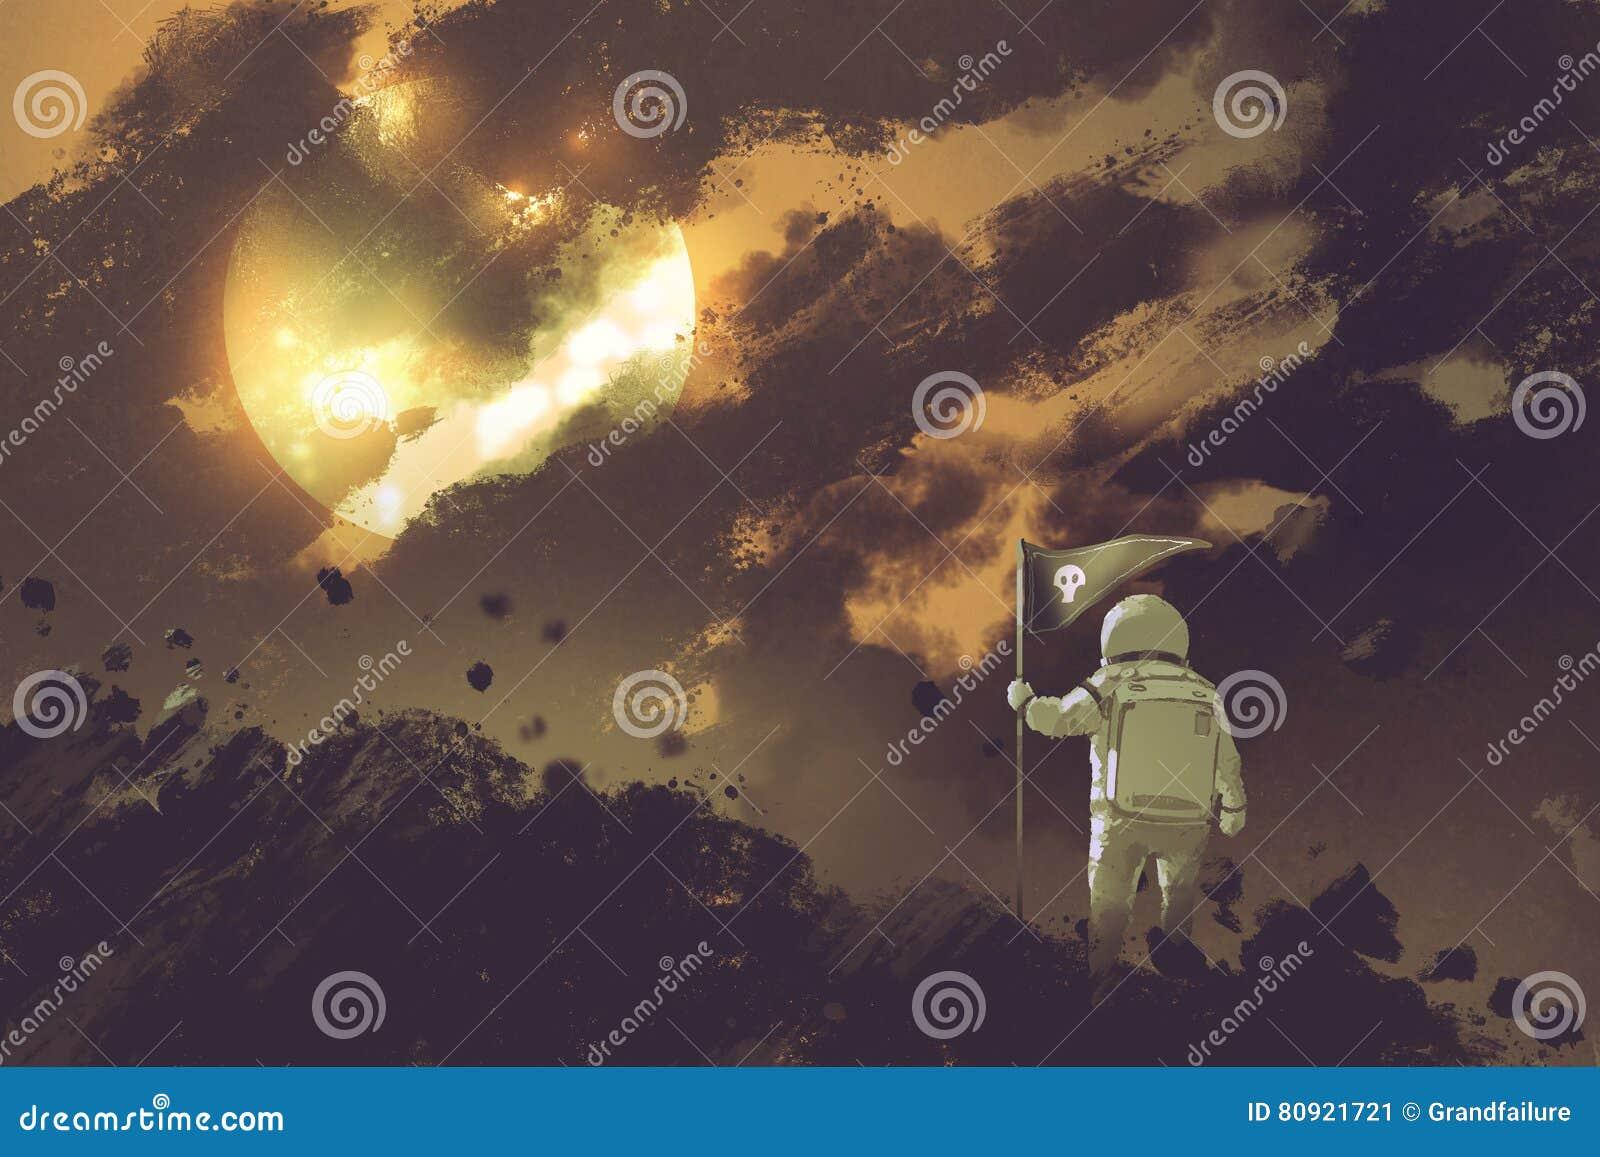 Astronauta com uma bandeira que está na montanha contra um céu nebuloso